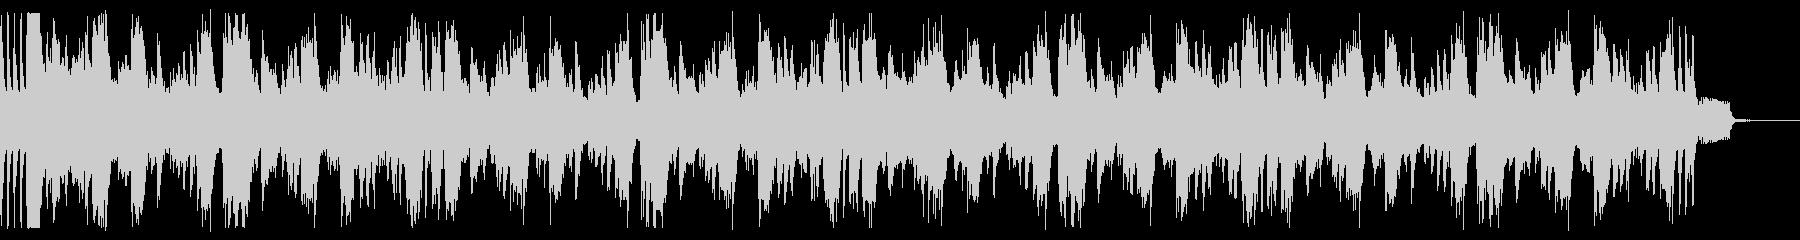 ビート強いドラムンベース。2の未再生の波形